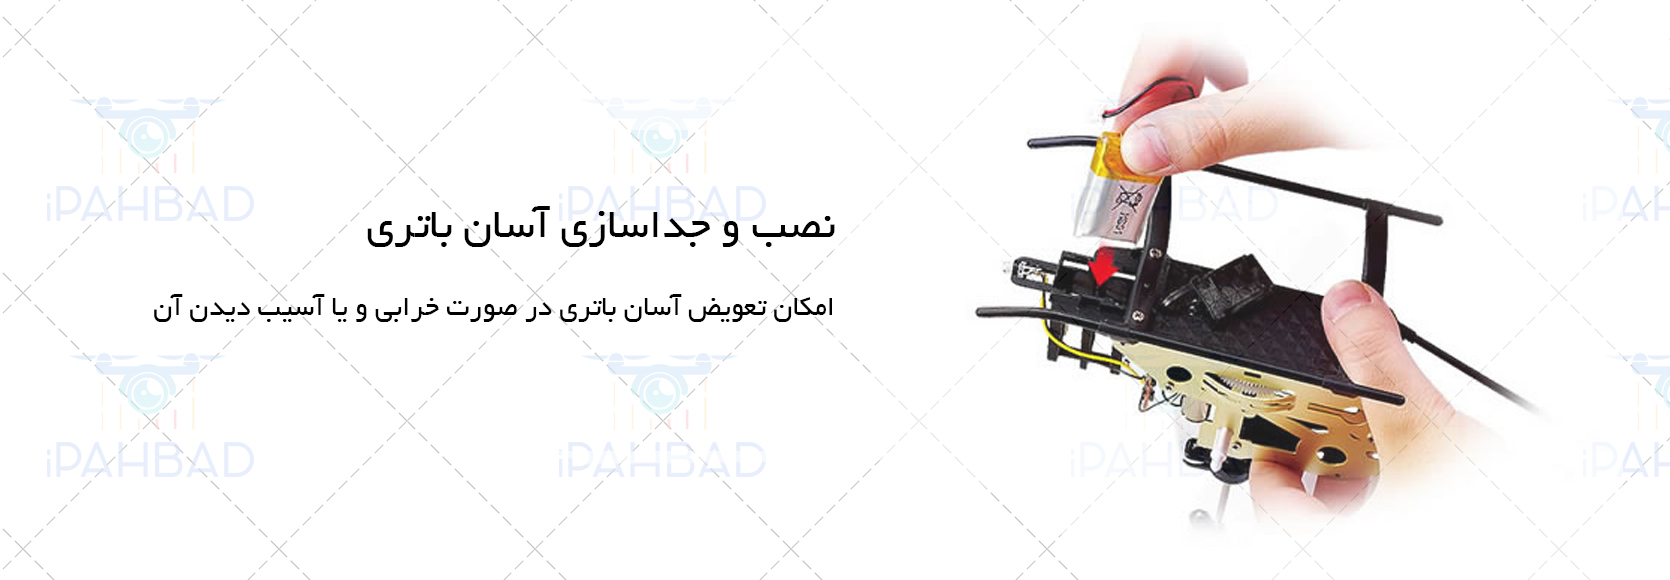 قیمت خرید هلیکوپتر کنترلی سایما Syma S8 از فروشگاه اینترنتی آی پهباد ، خرید هلیکوپتر کنترلی سیما مدل S8 ، قیمت هلیکوپتر کنترلی سایما اس 8 ، هلیکوپتر کنترلی سیما اس 8